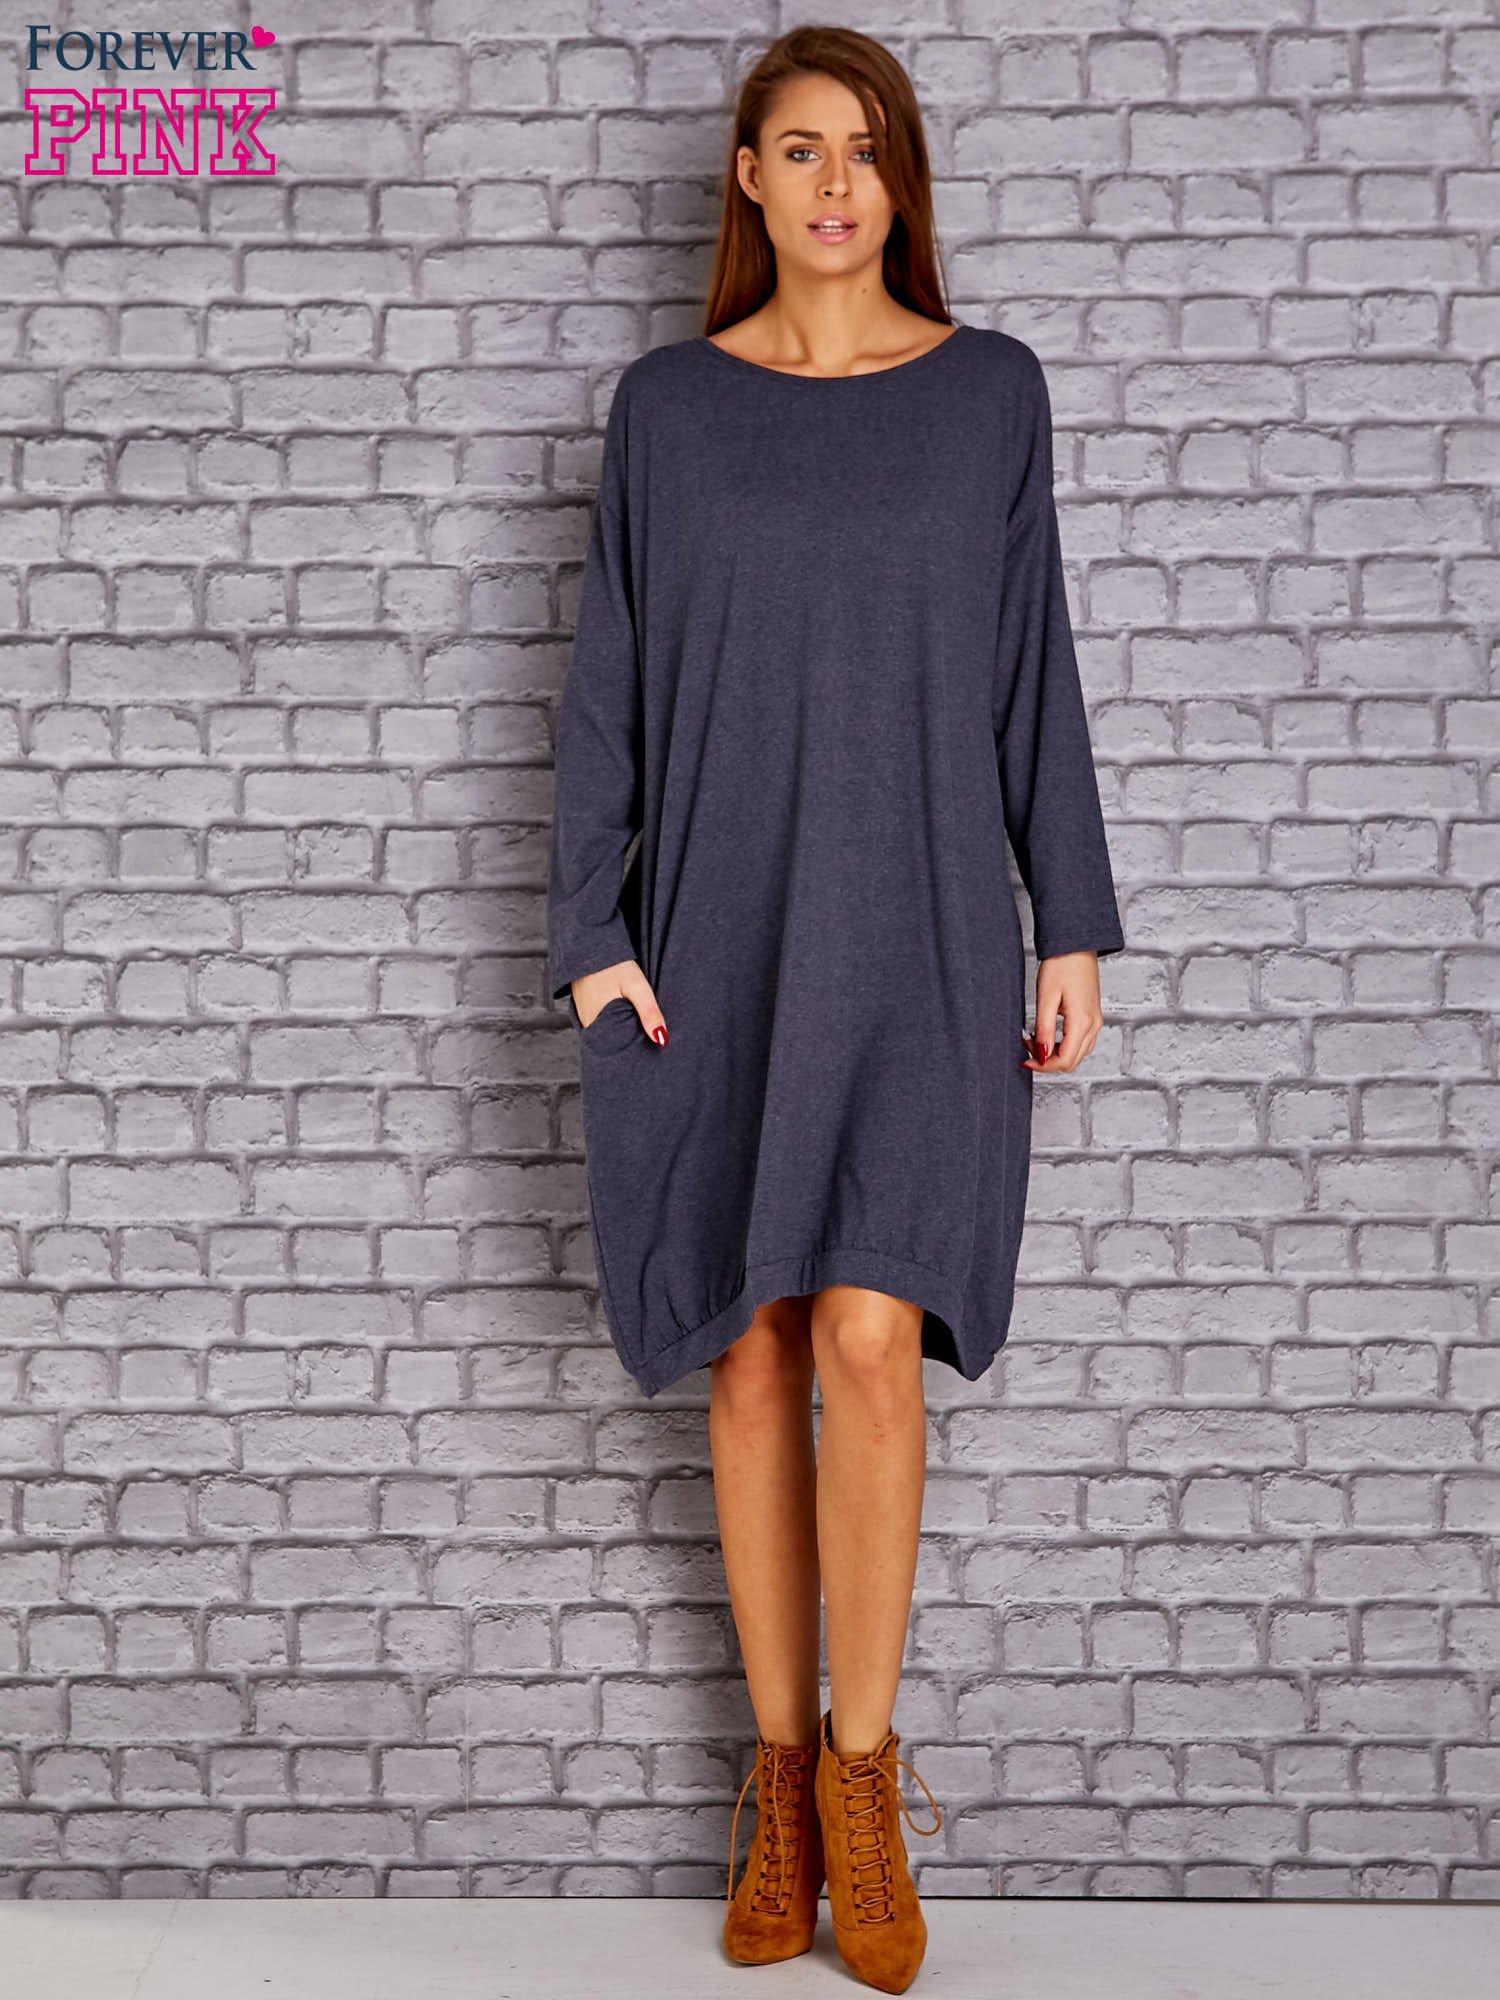 d87217b815 Granatowa melanżowa dresowa sukienka oversize z kieszeniami - Sukienka na  co dzień - sklep eButik.pl